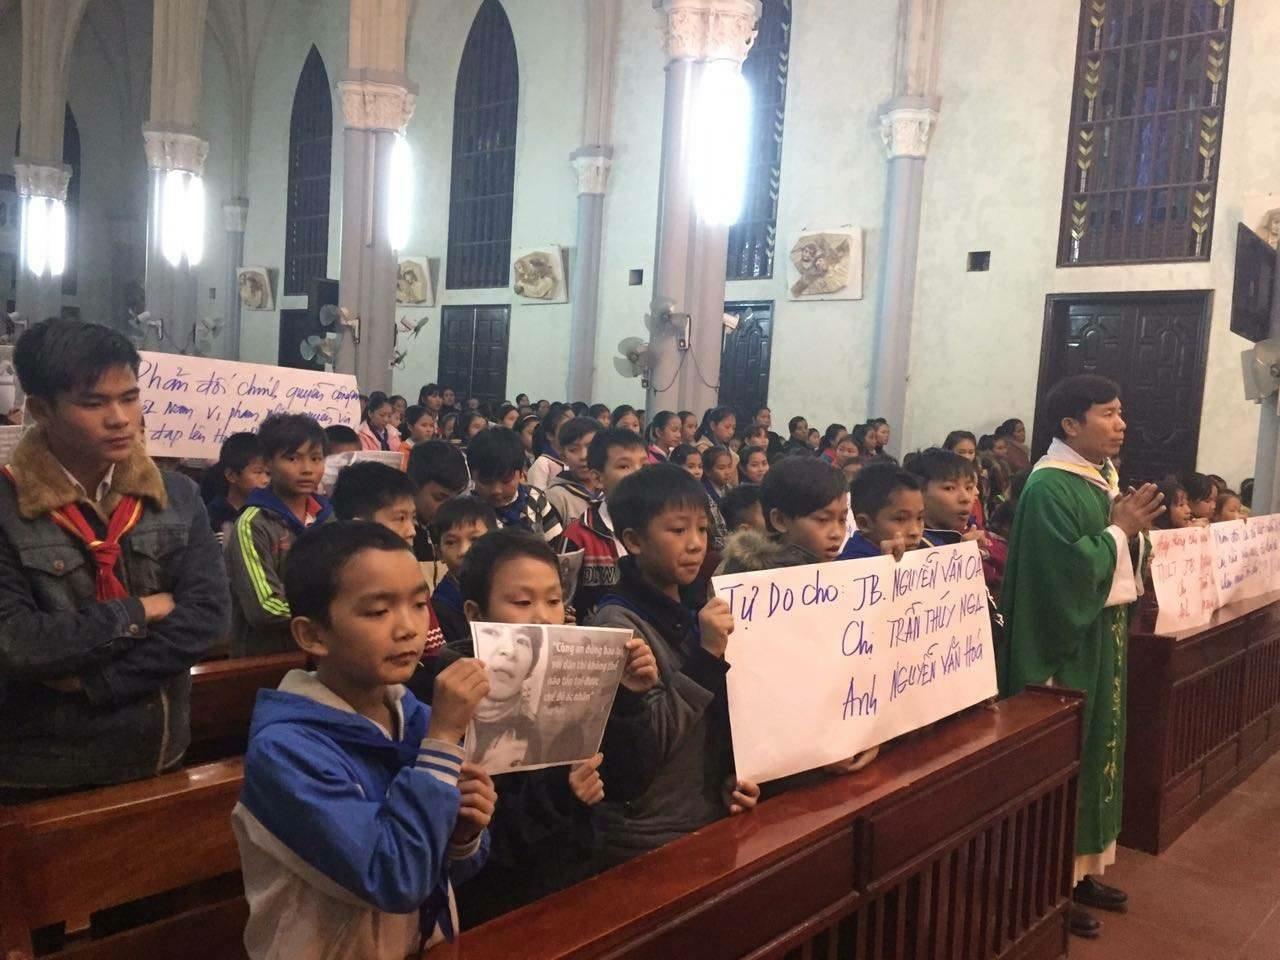 Khắp nơi ở Việt Nam thắp nến cầu nguyện cho ba nhà hoạt động vừa bị bắt